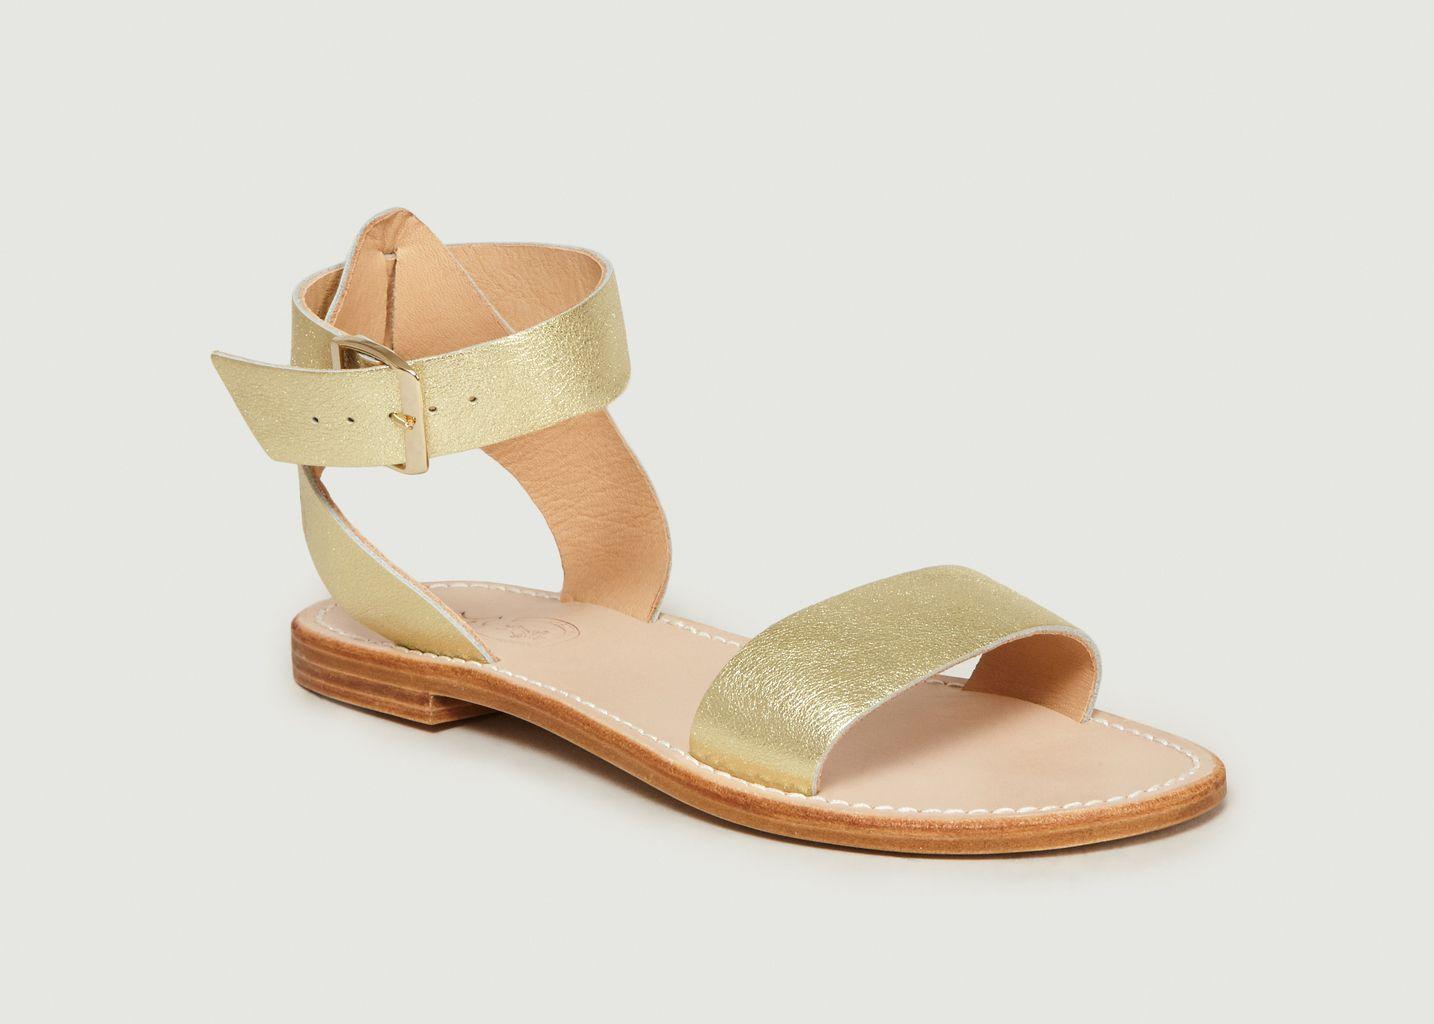 Sandales Mage - La Botte Gardiane